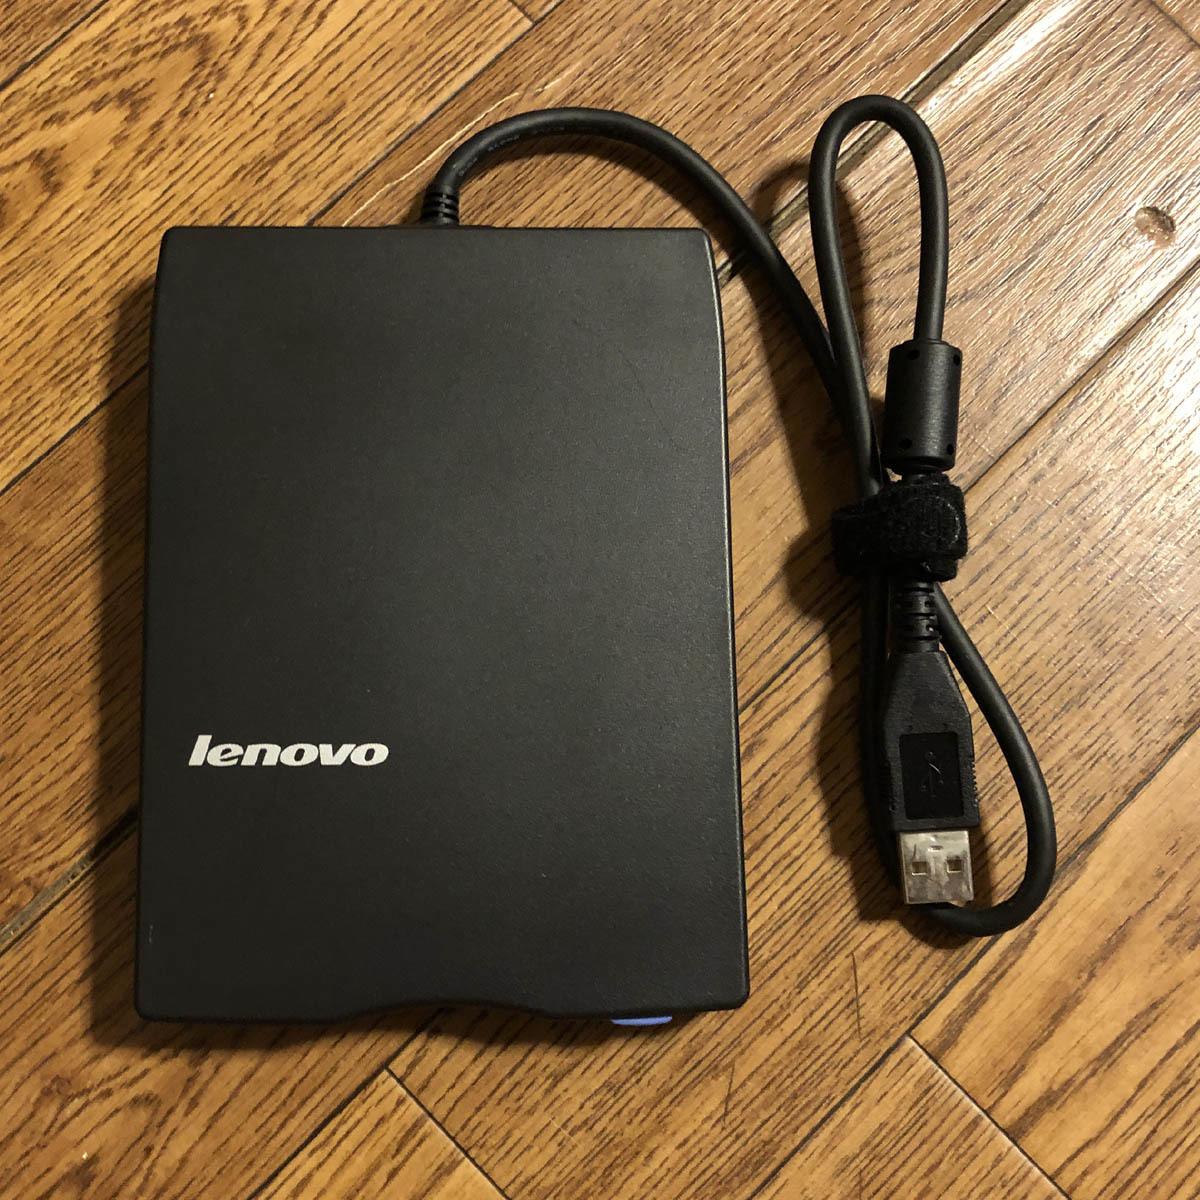 Lenovo レノボ 3.5インチ フロッピーディスクドライブ USB FLOPPY DISK DRIVE FDD TEAC FD-05PUB